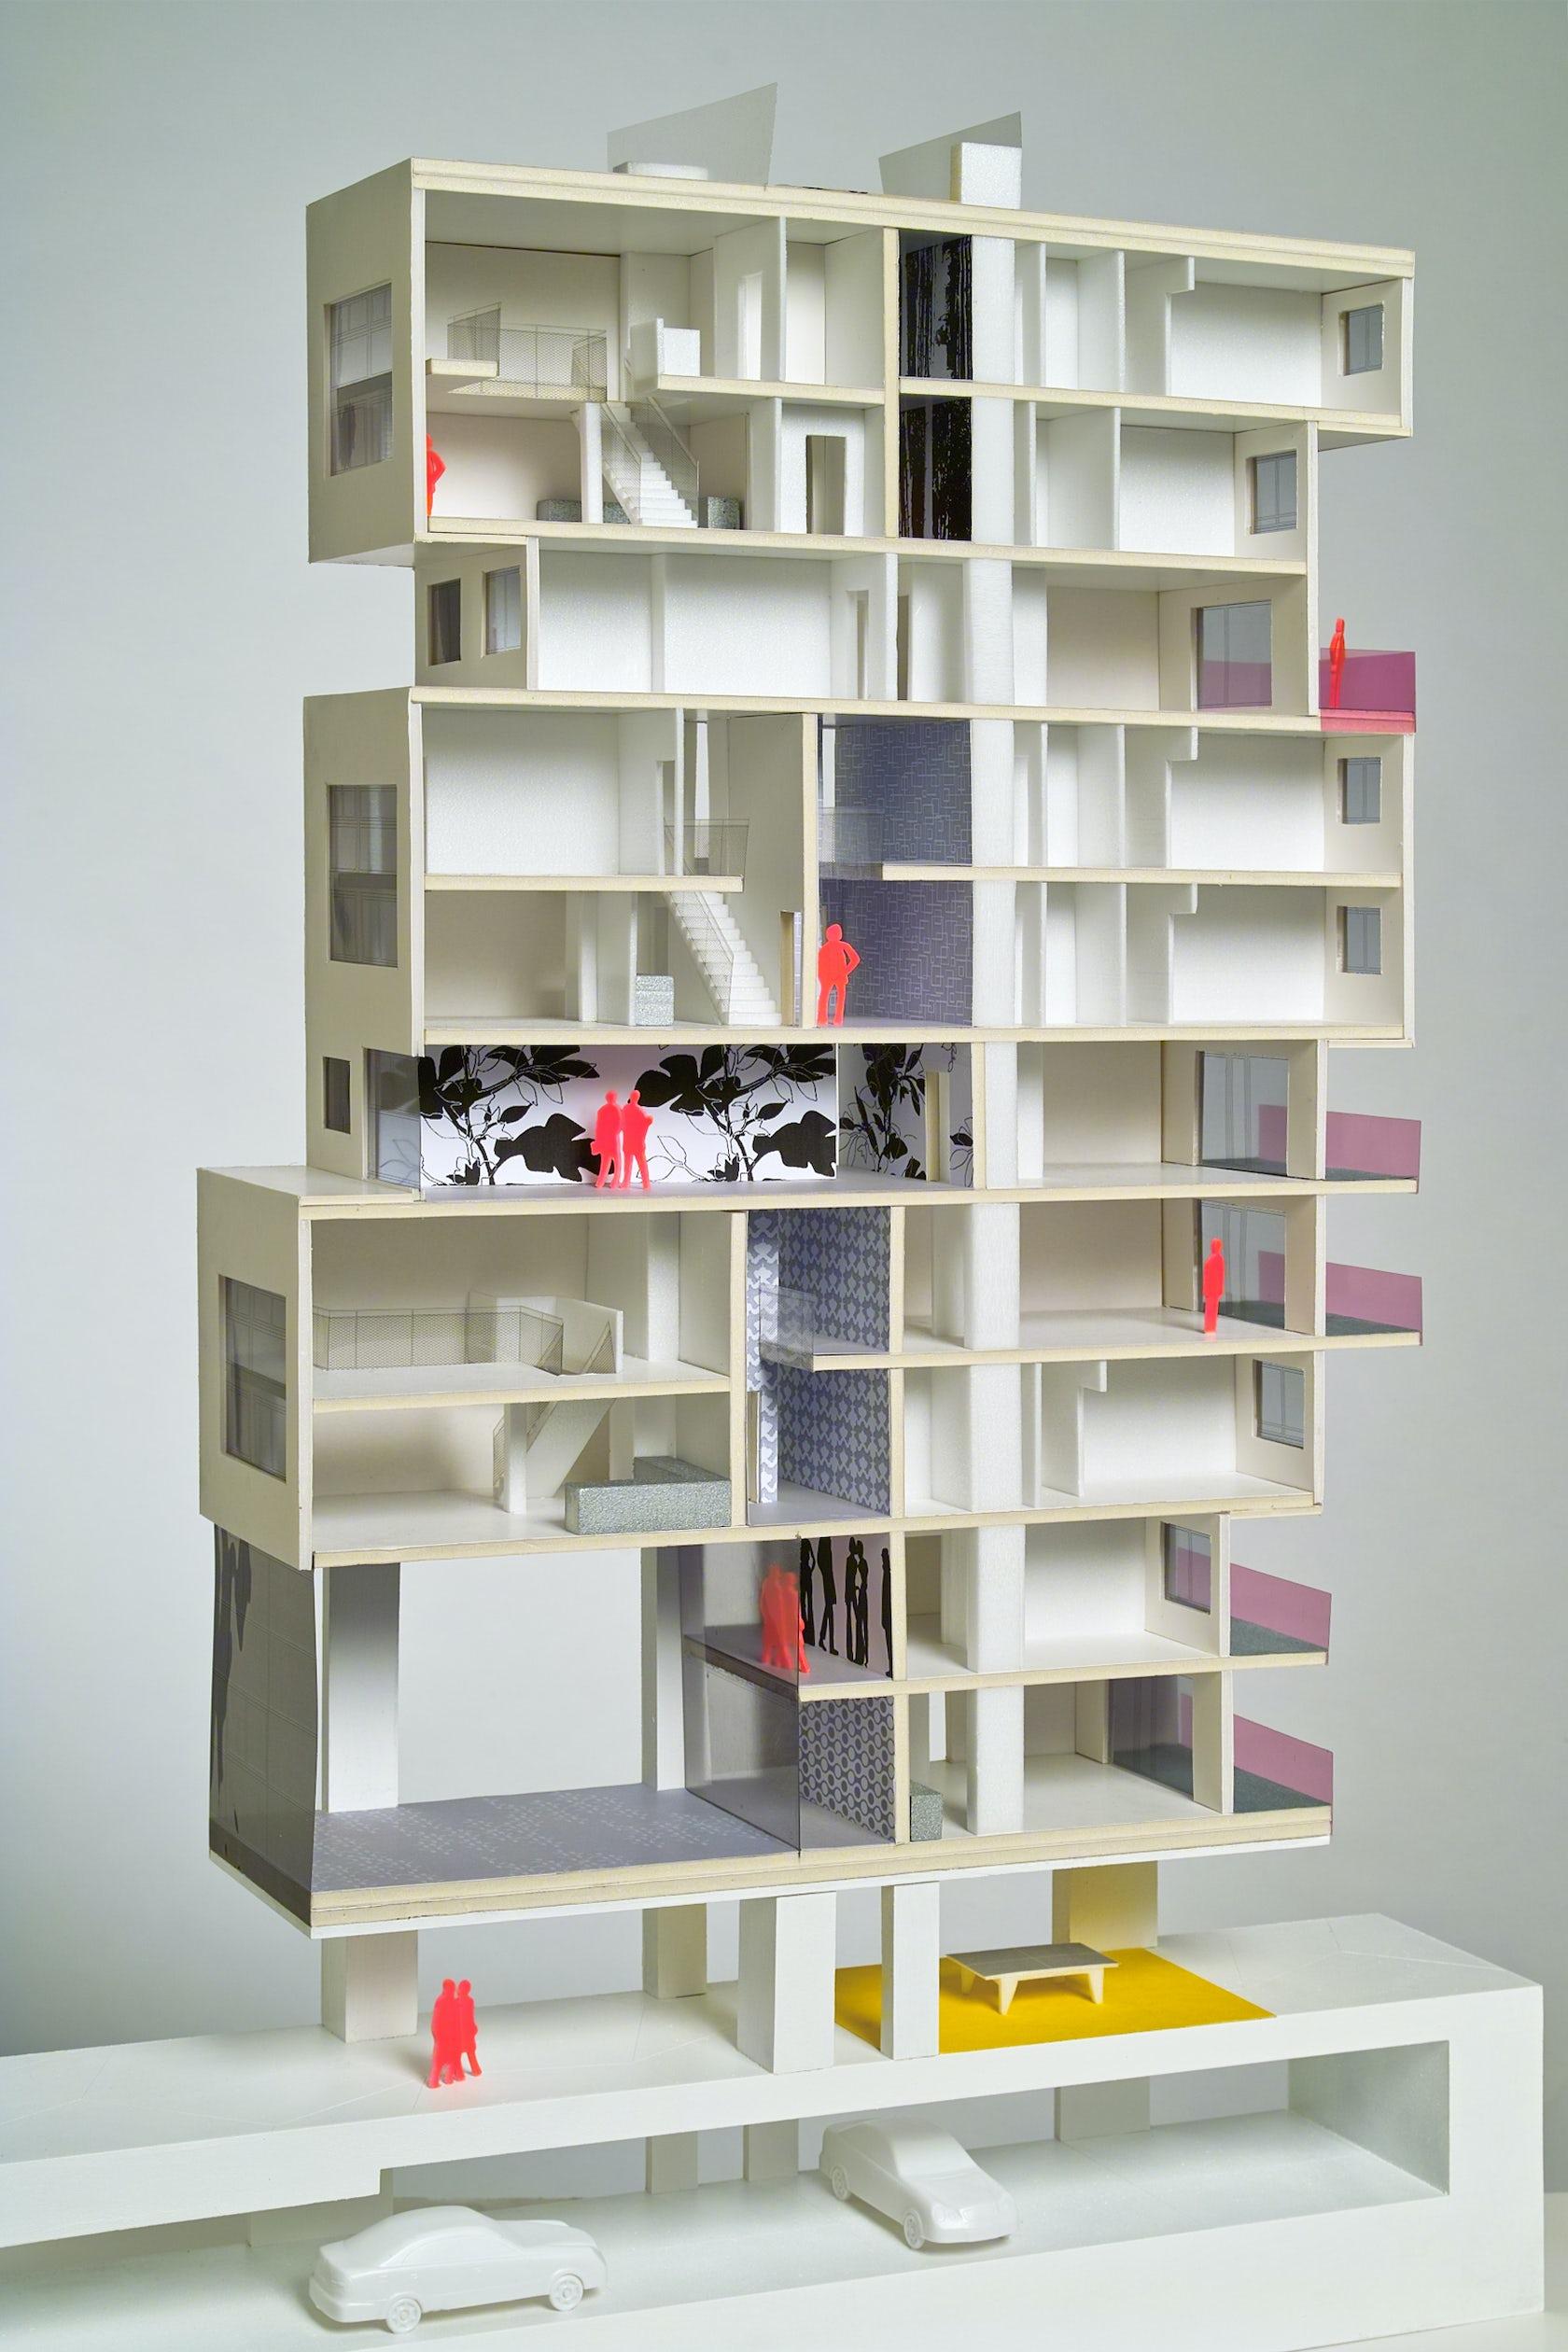 wohnen am park vienna architizer. Black Bedroom Furniture Sets. Home Design Ideas